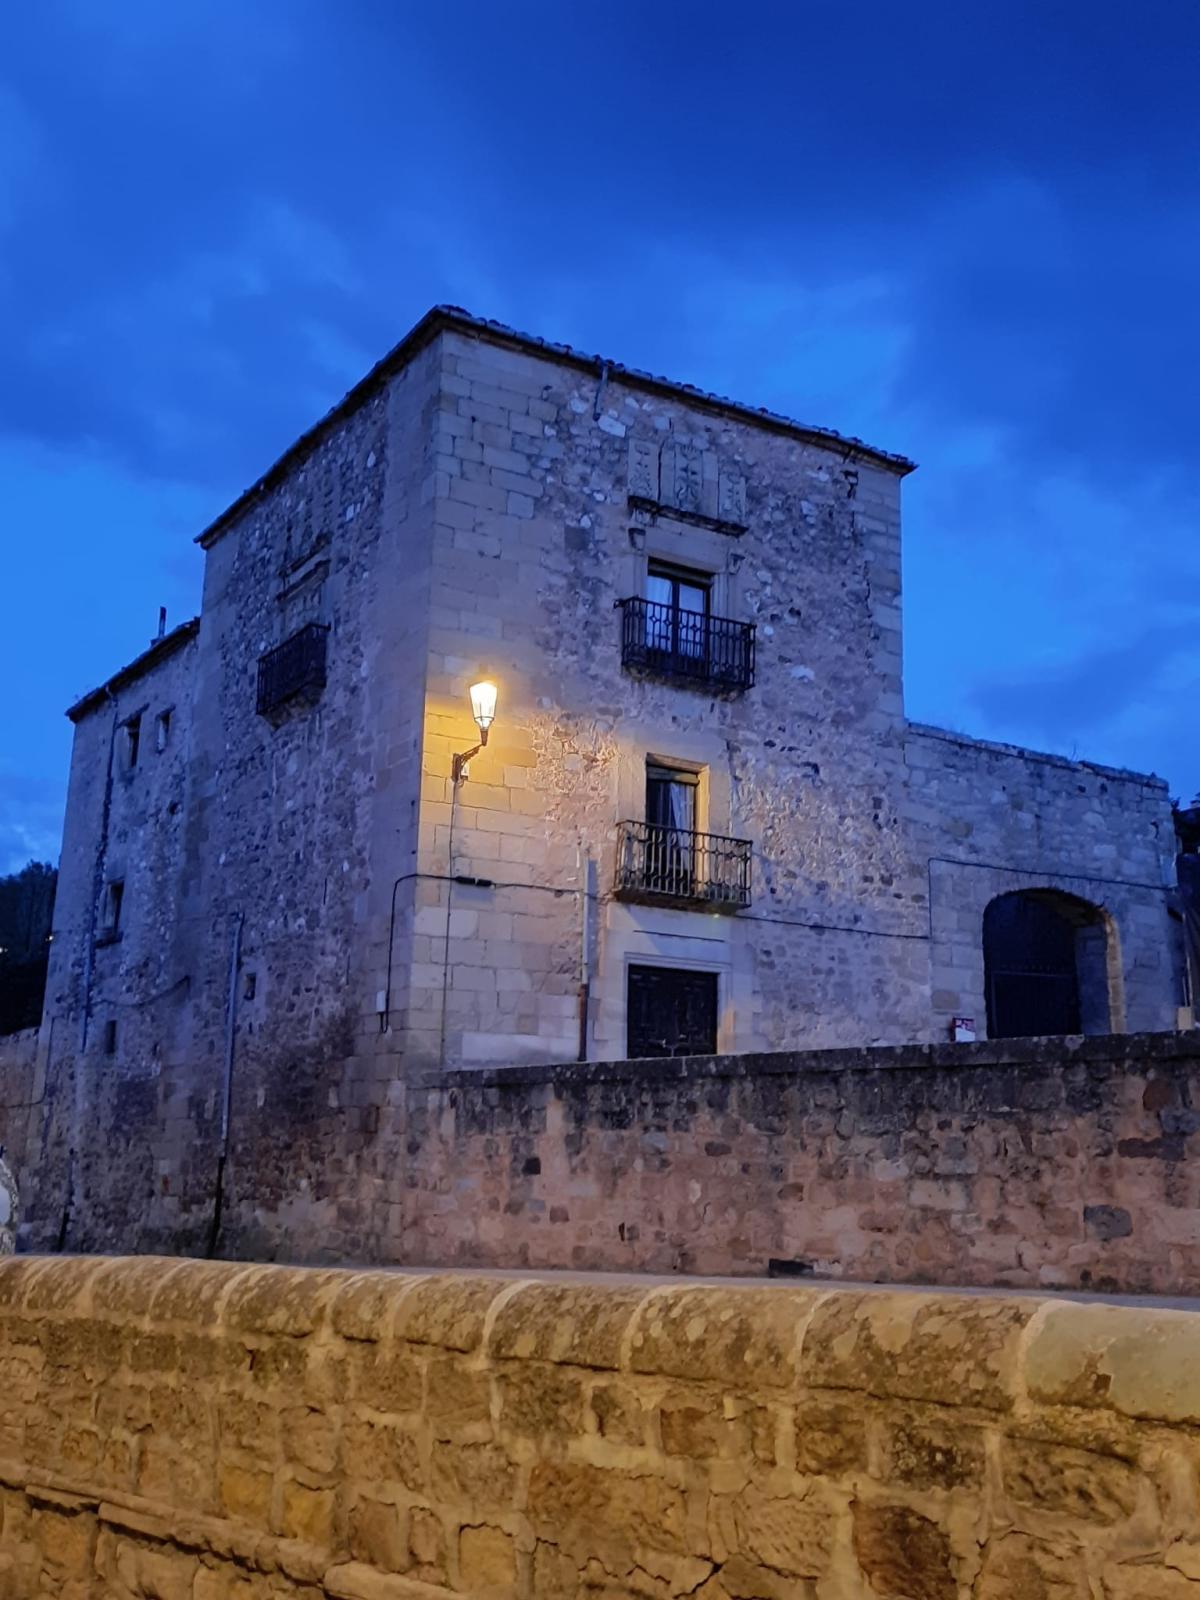 Visita Guiada-Soria de Leyenda (Nocturna)